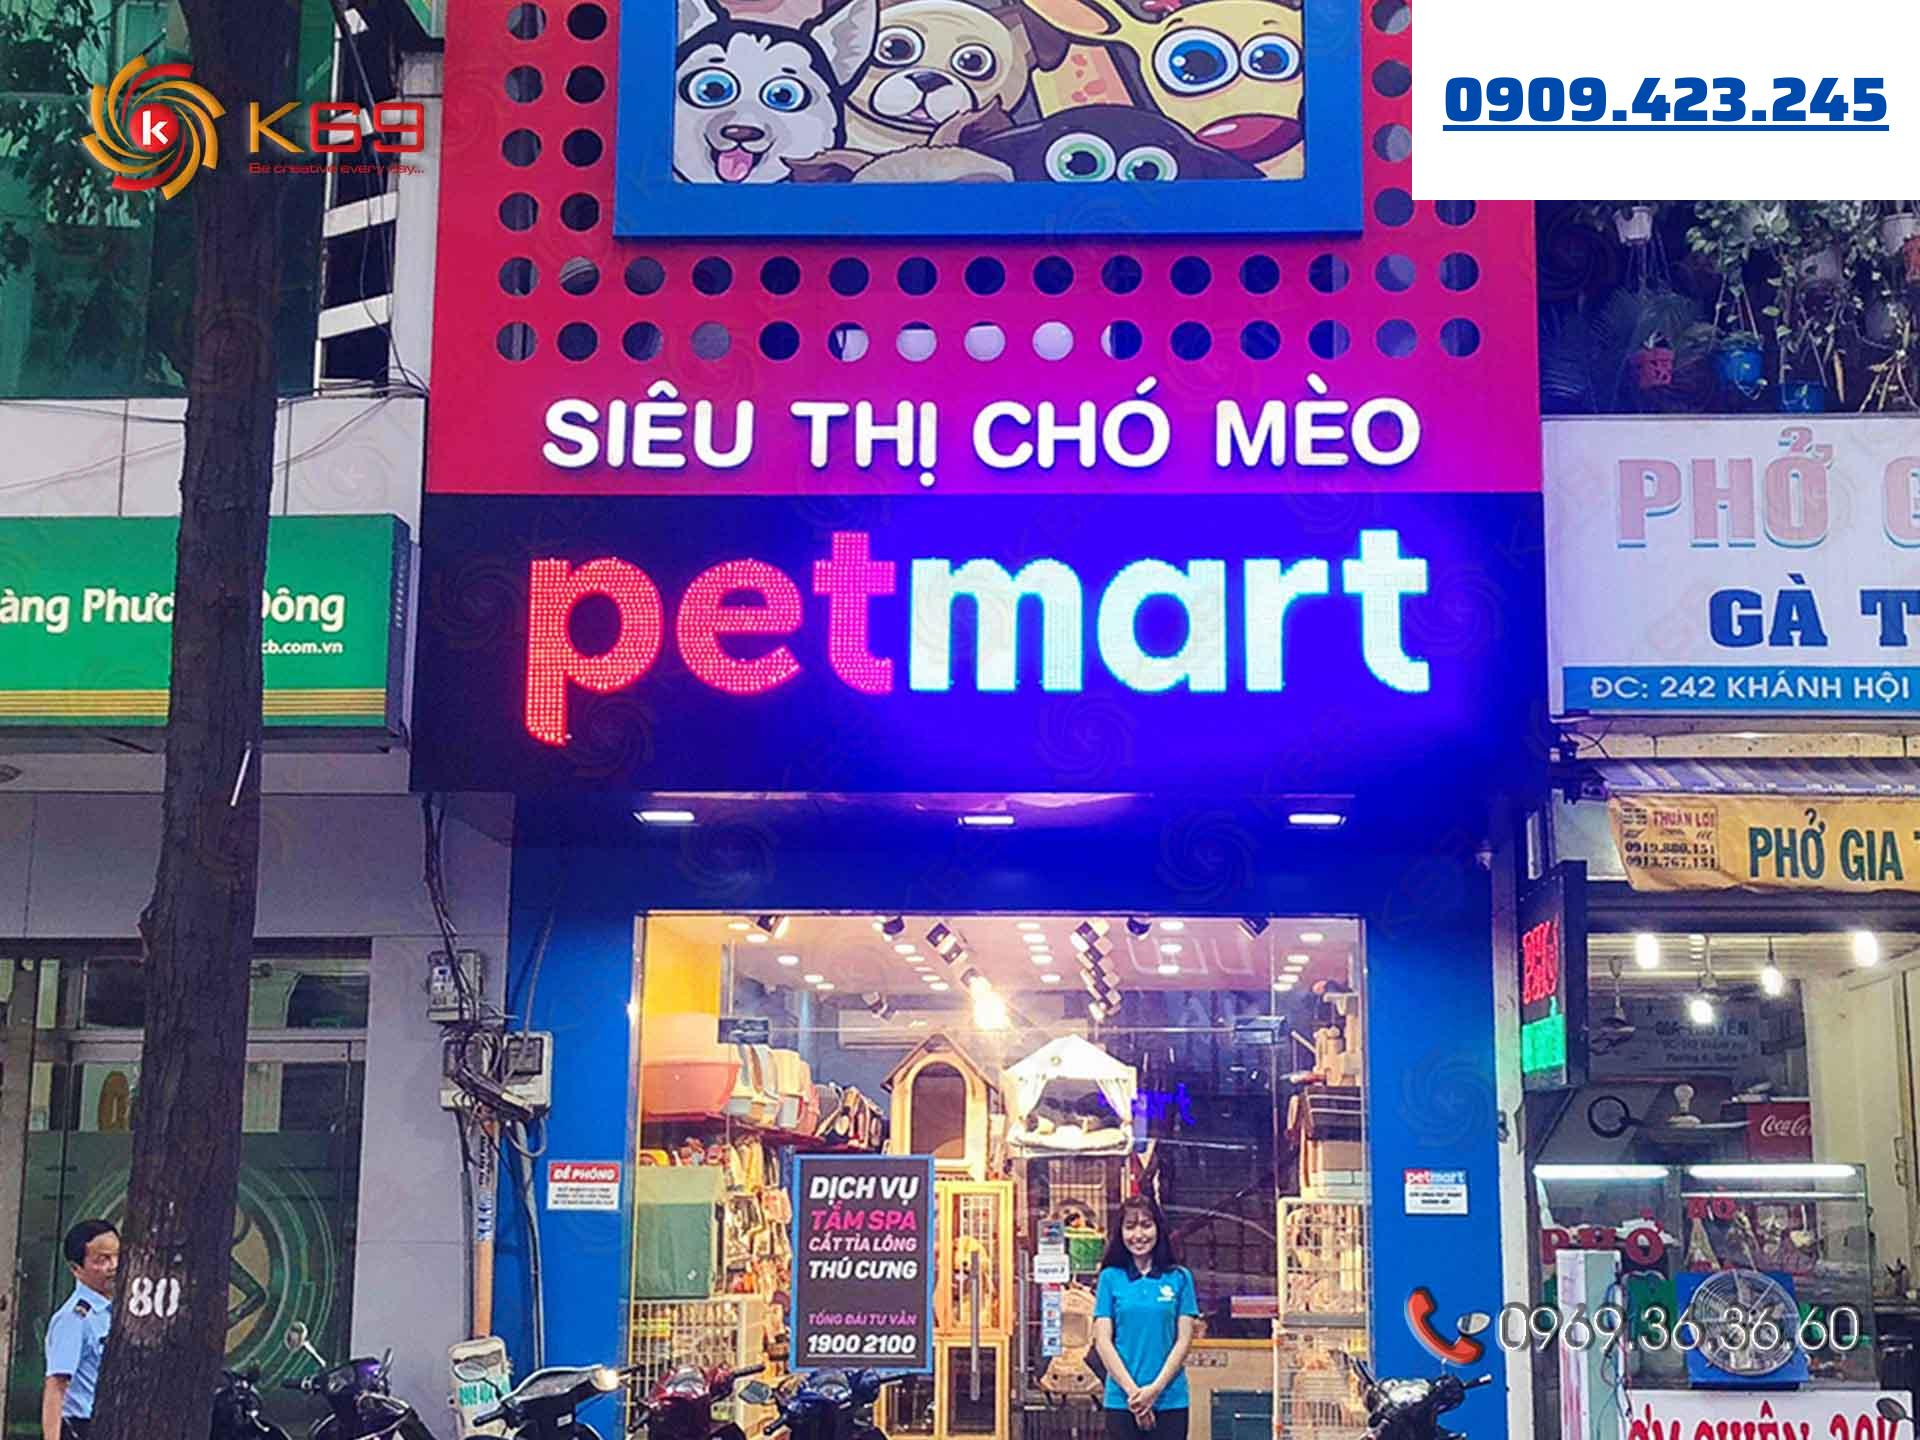 Mẫu bảng hiệu siêu thị chó mèo đẹp tại K69adv